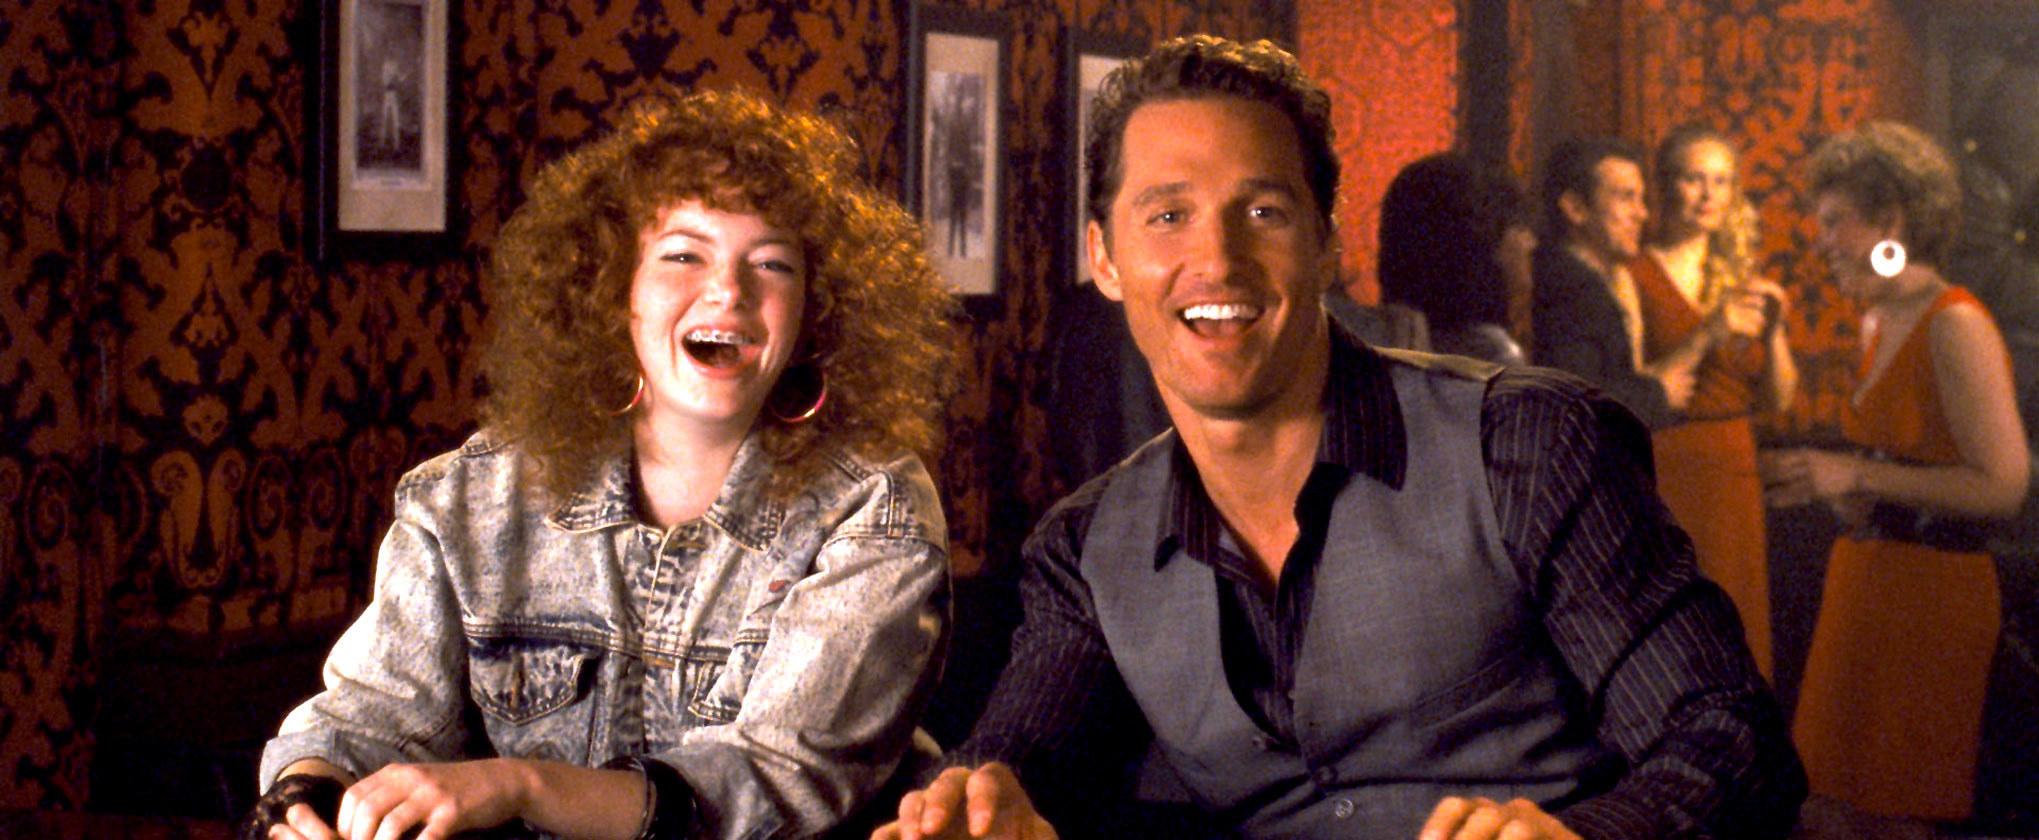 艾玛·斯通和马修·麦康纳在酒吧里大笑